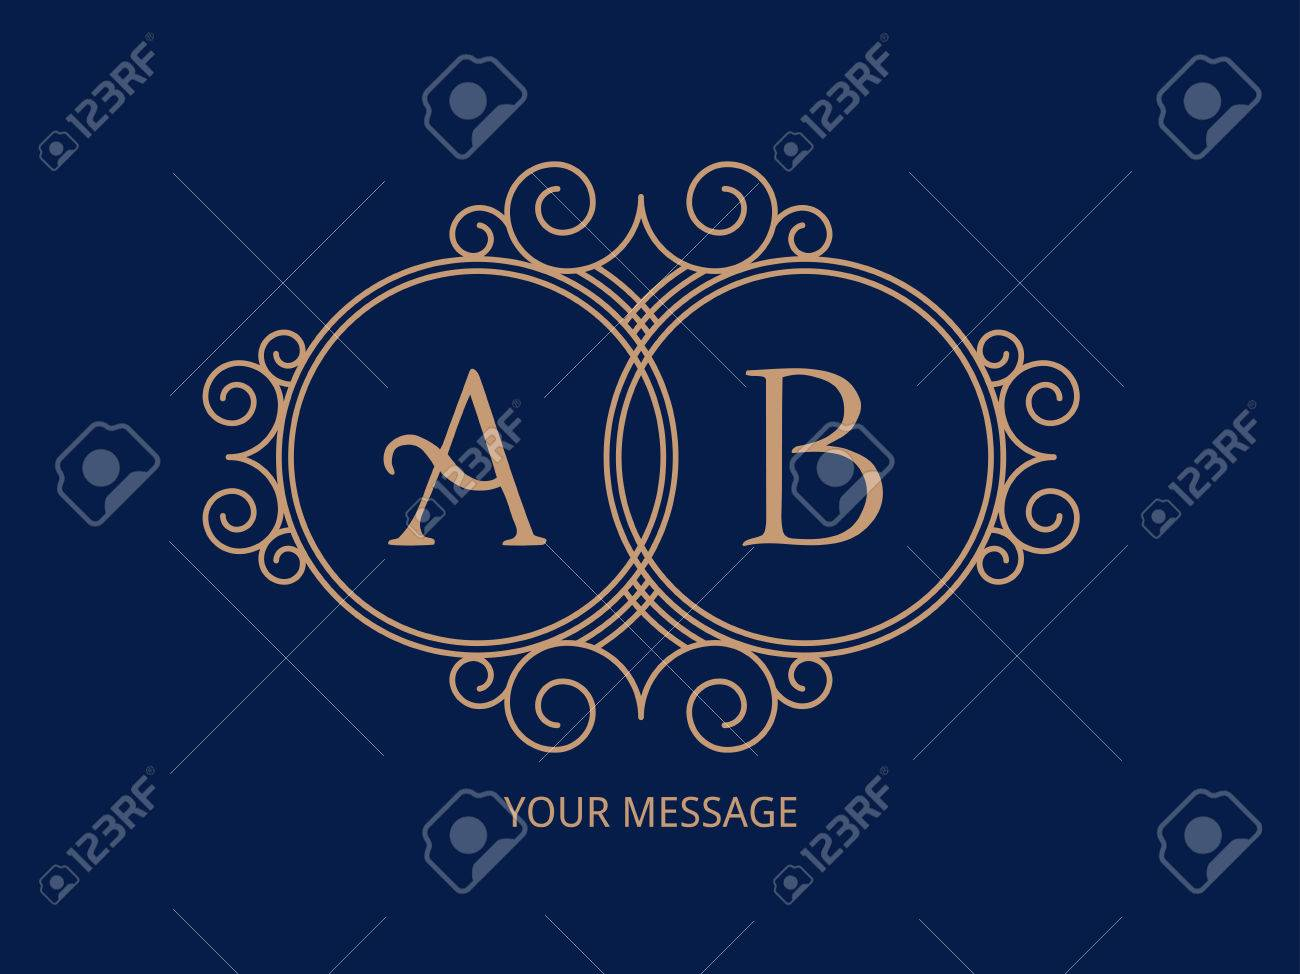 Elegant monogram for two letters. - 43853527